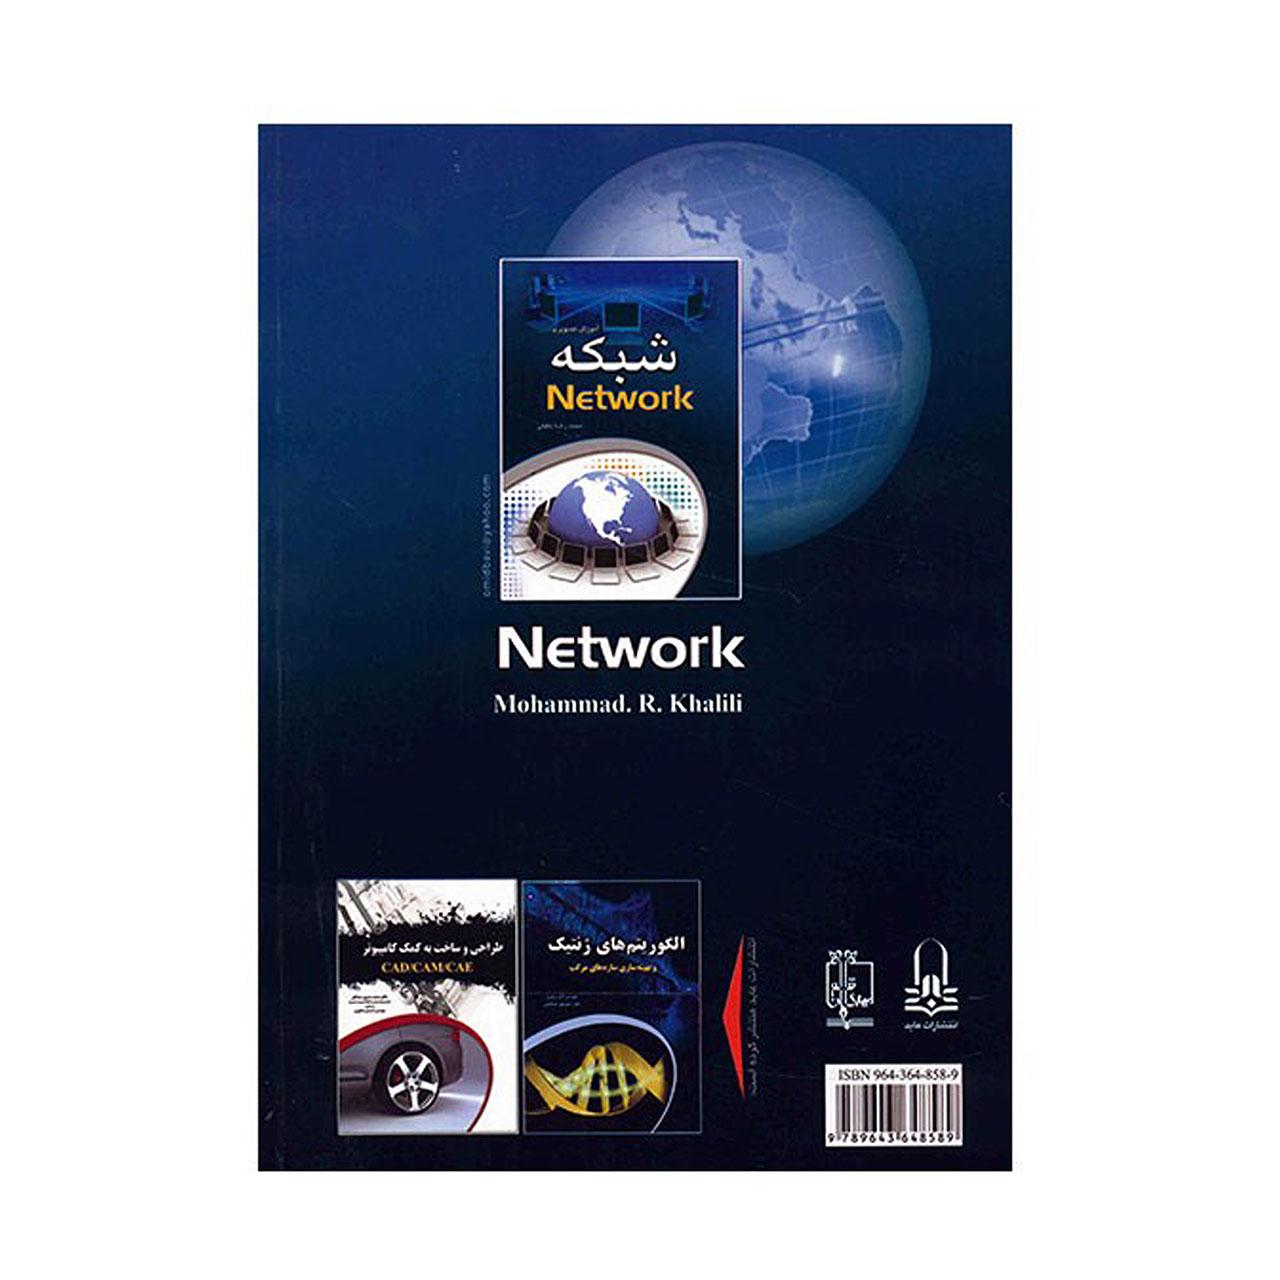 کتاب آموزش تصویری شبکه اثر محمدرضا خلیلی